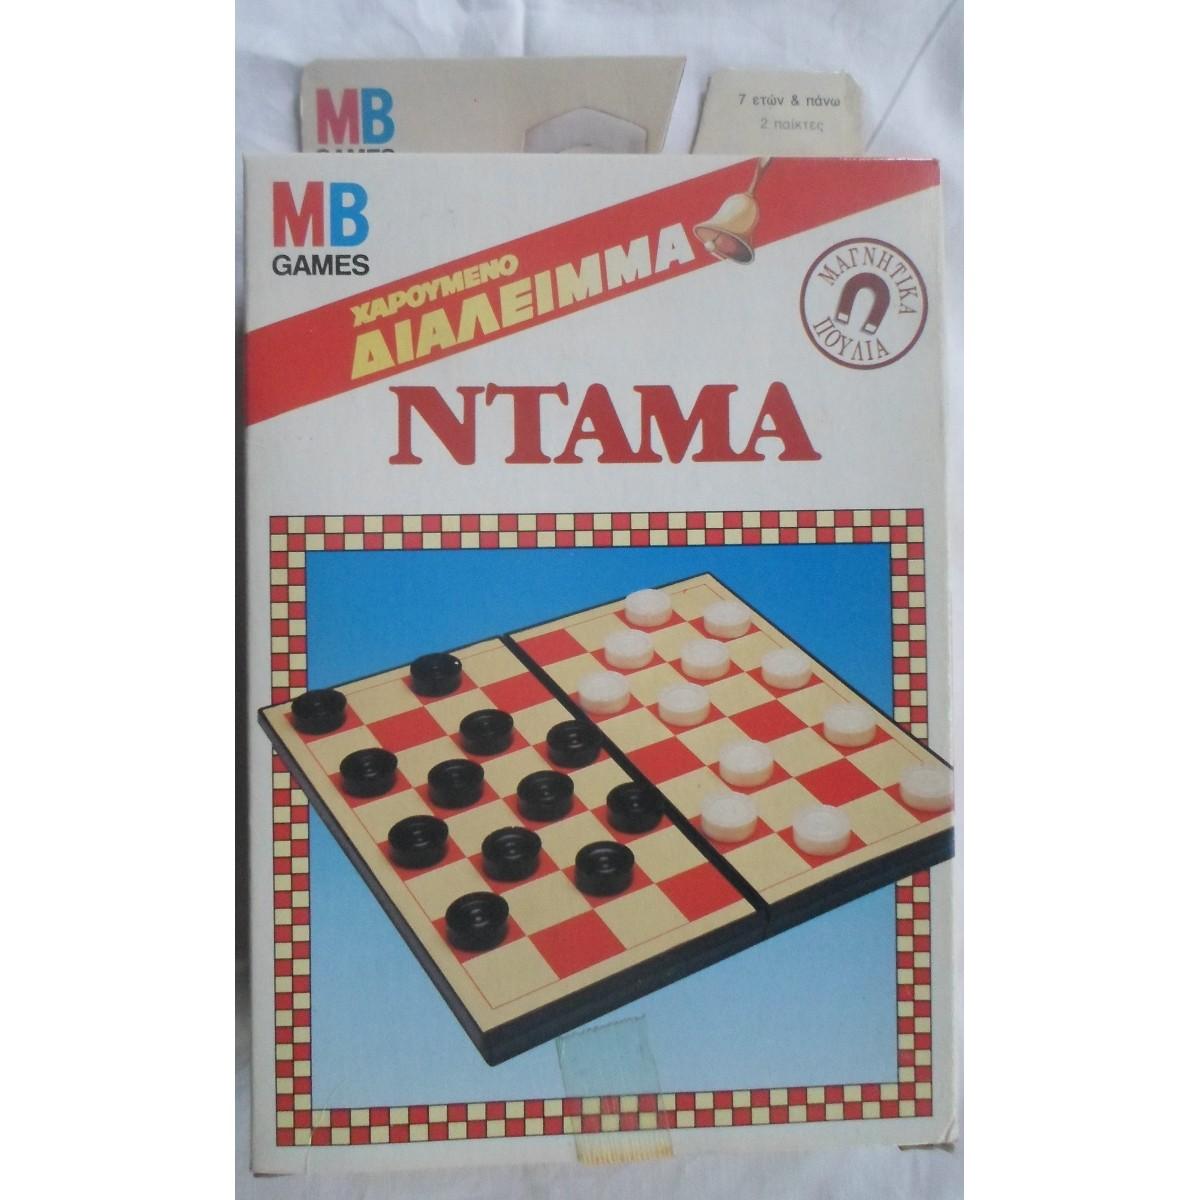 MB elgreco GAMES , ΝΤΑΜΑ, Hasbro 1991.